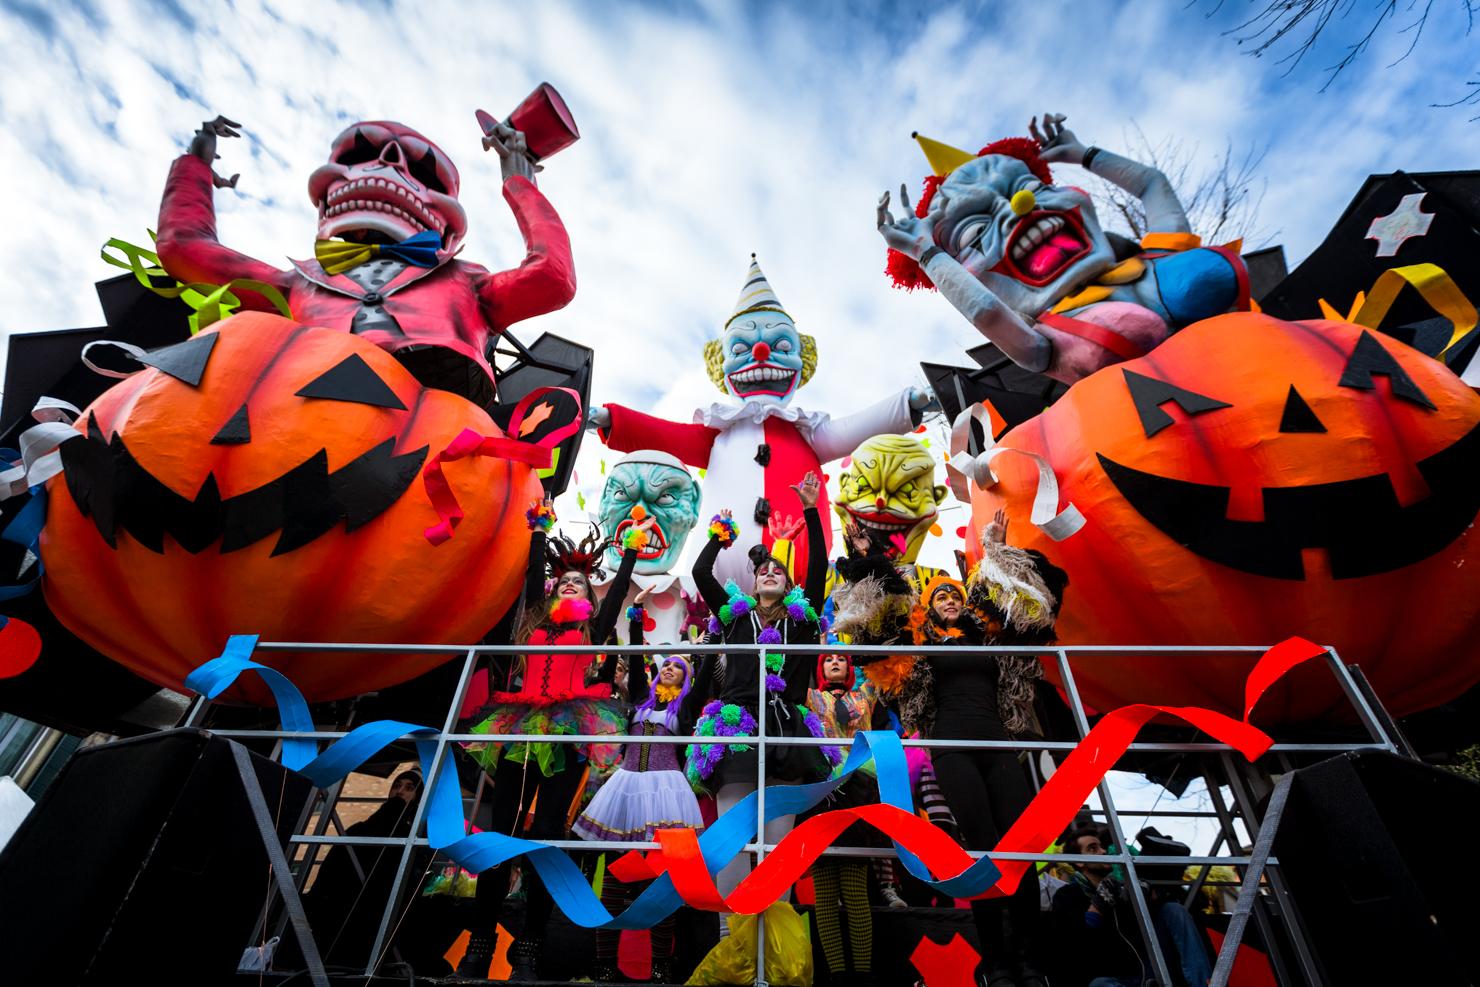 Carnevale 2017: le 10 mete (più 1) imperdibili in Italia - Dove Viaggi